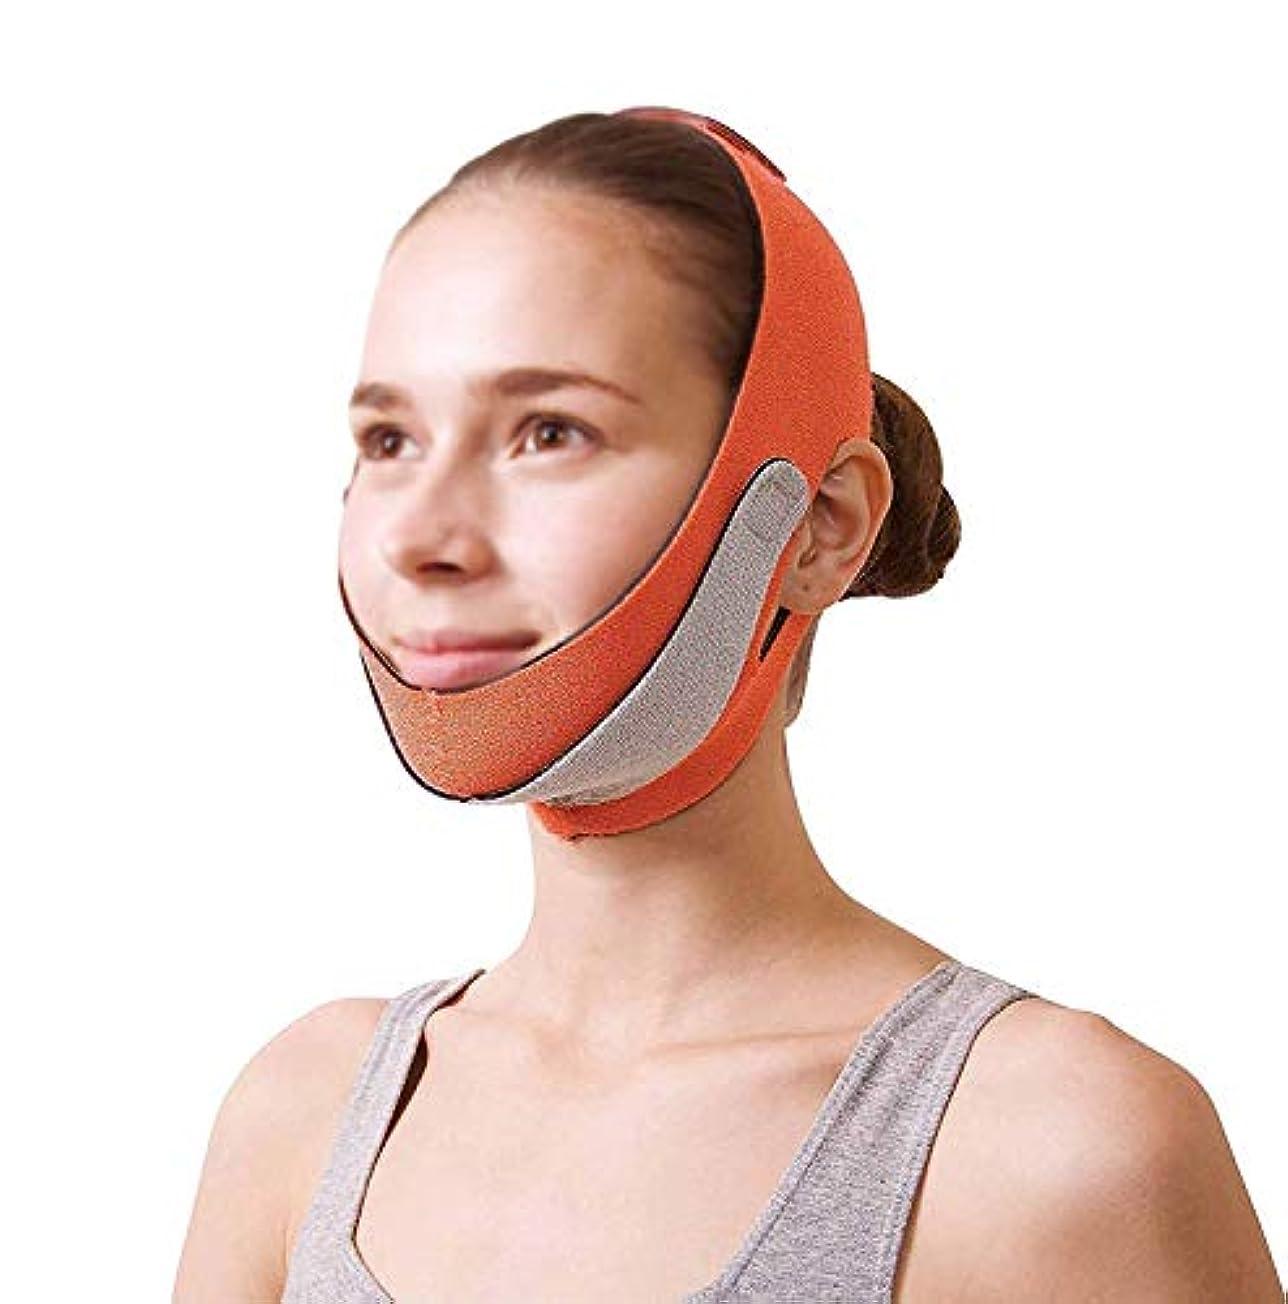 情熱圧縮妨げるフェイスリフトマスク、あごストラップ回復ポスト包帯ヘッドギアフェイスマスク顔薄いフェイスマスクアーティファクト美容顔と首リフトオレンジマスク